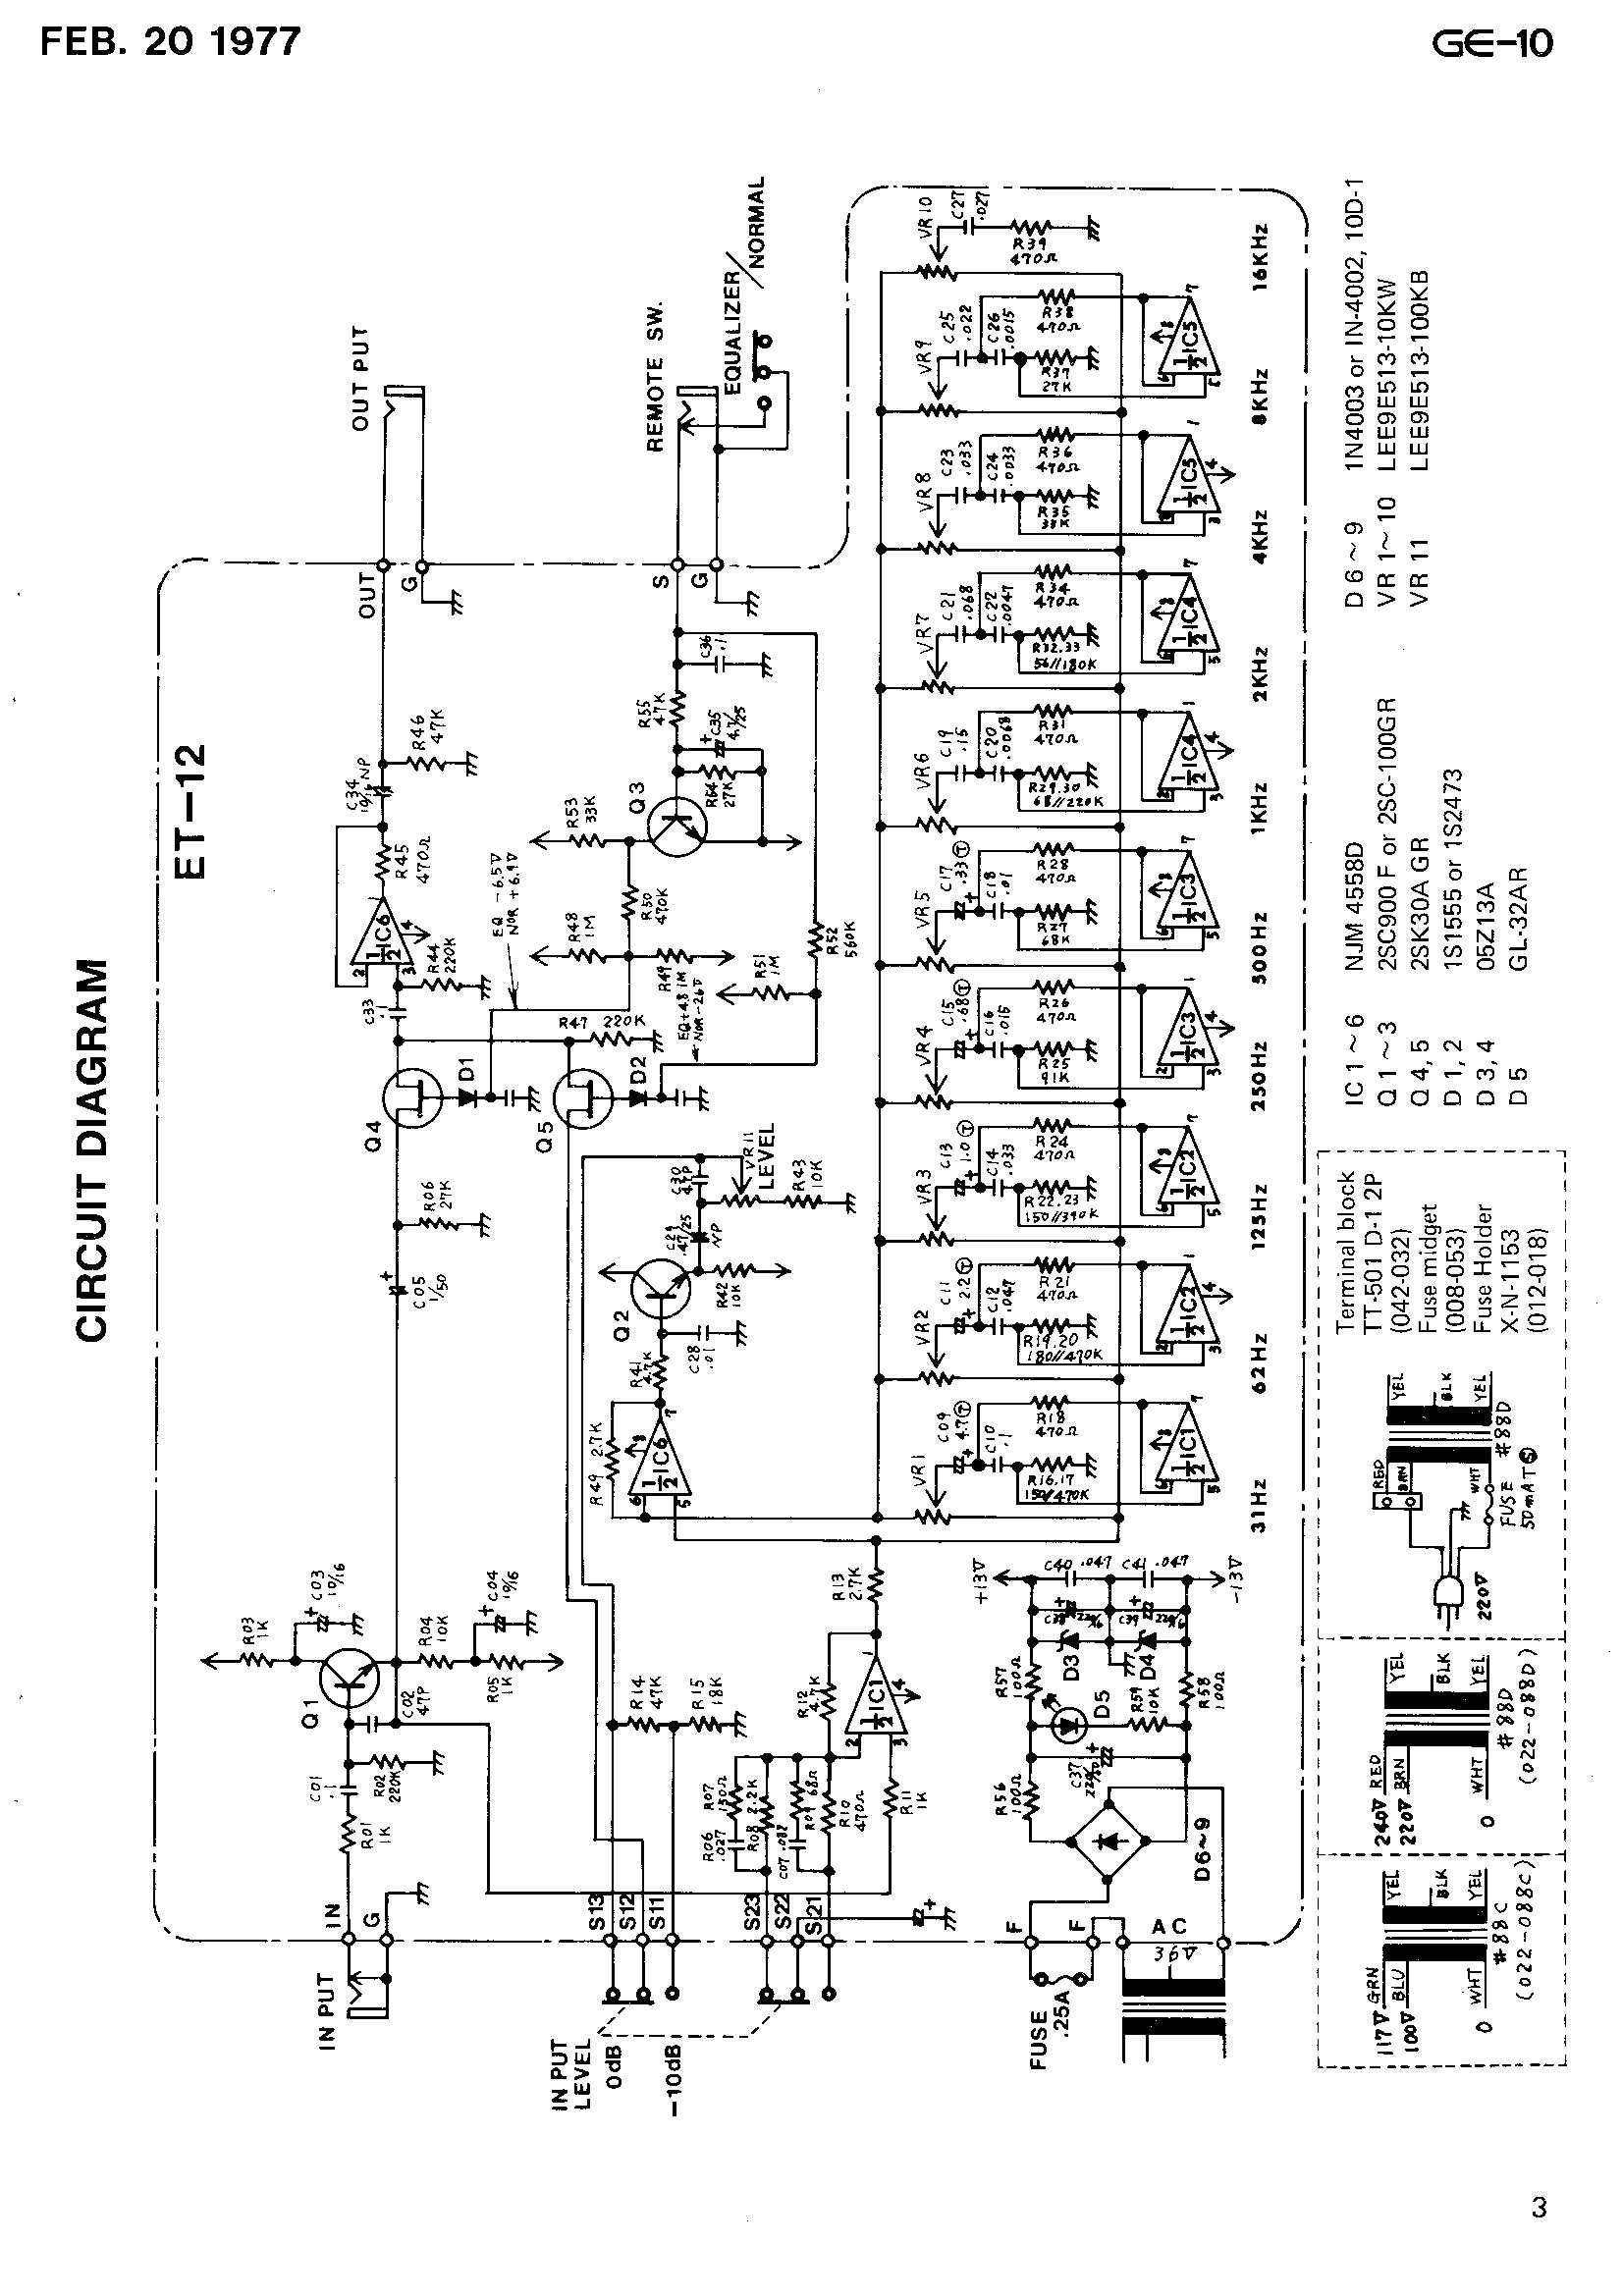 BOSS GE-10 SERVICE NOTE P.3 CIRCUIT DIAGRAM